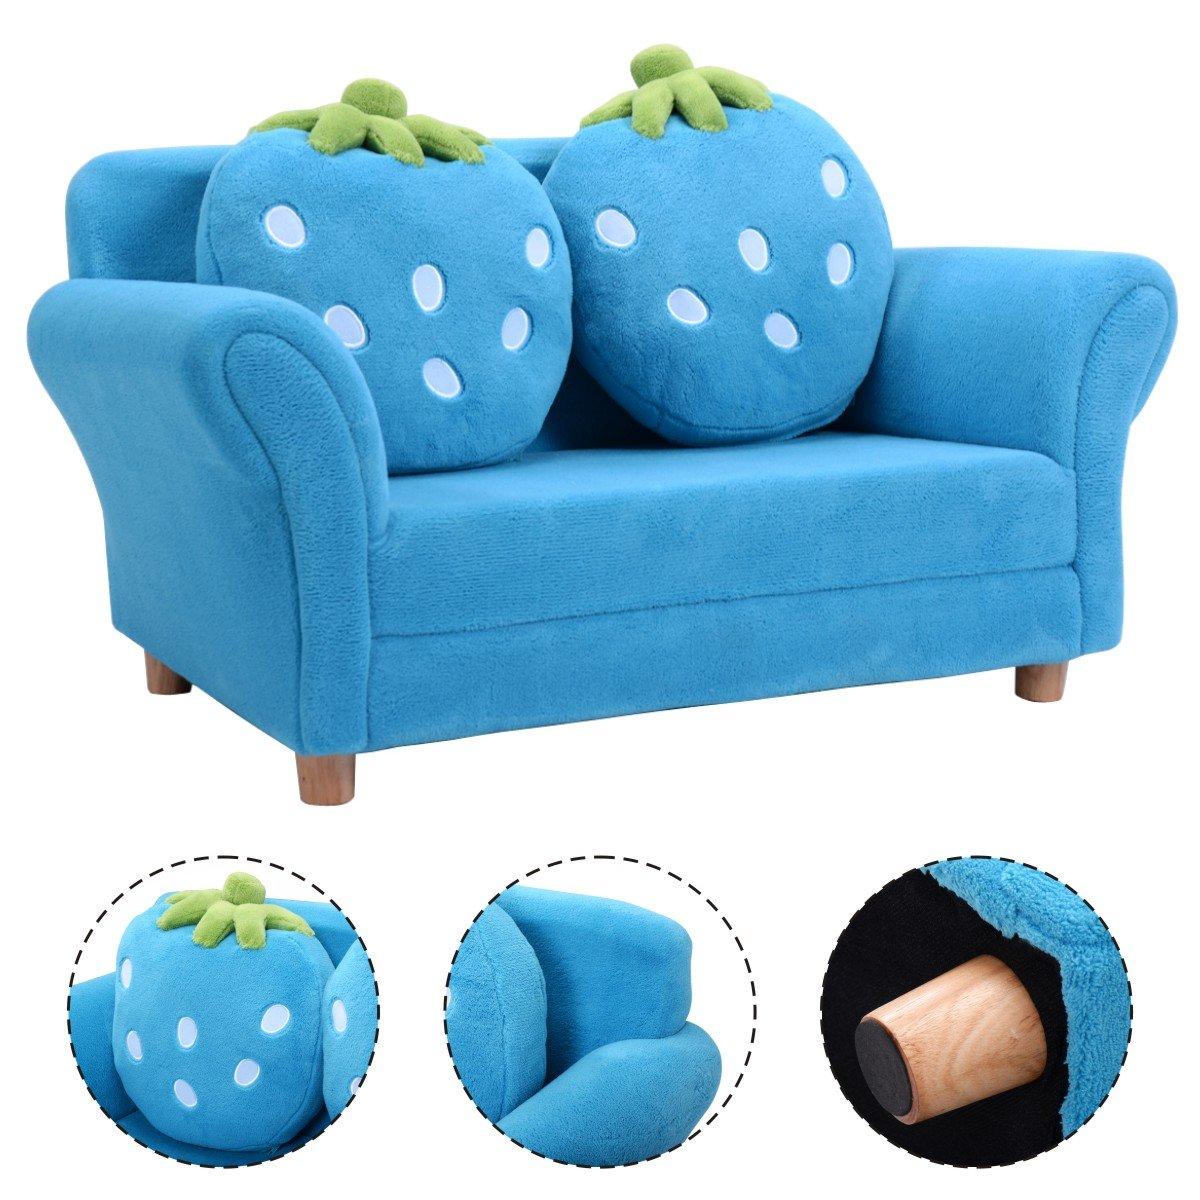 Canapé sofa enfant 2 oreillers meubles chambre d'enfant jeu confort repos rose/bleu (Rose) Blitzzauber24